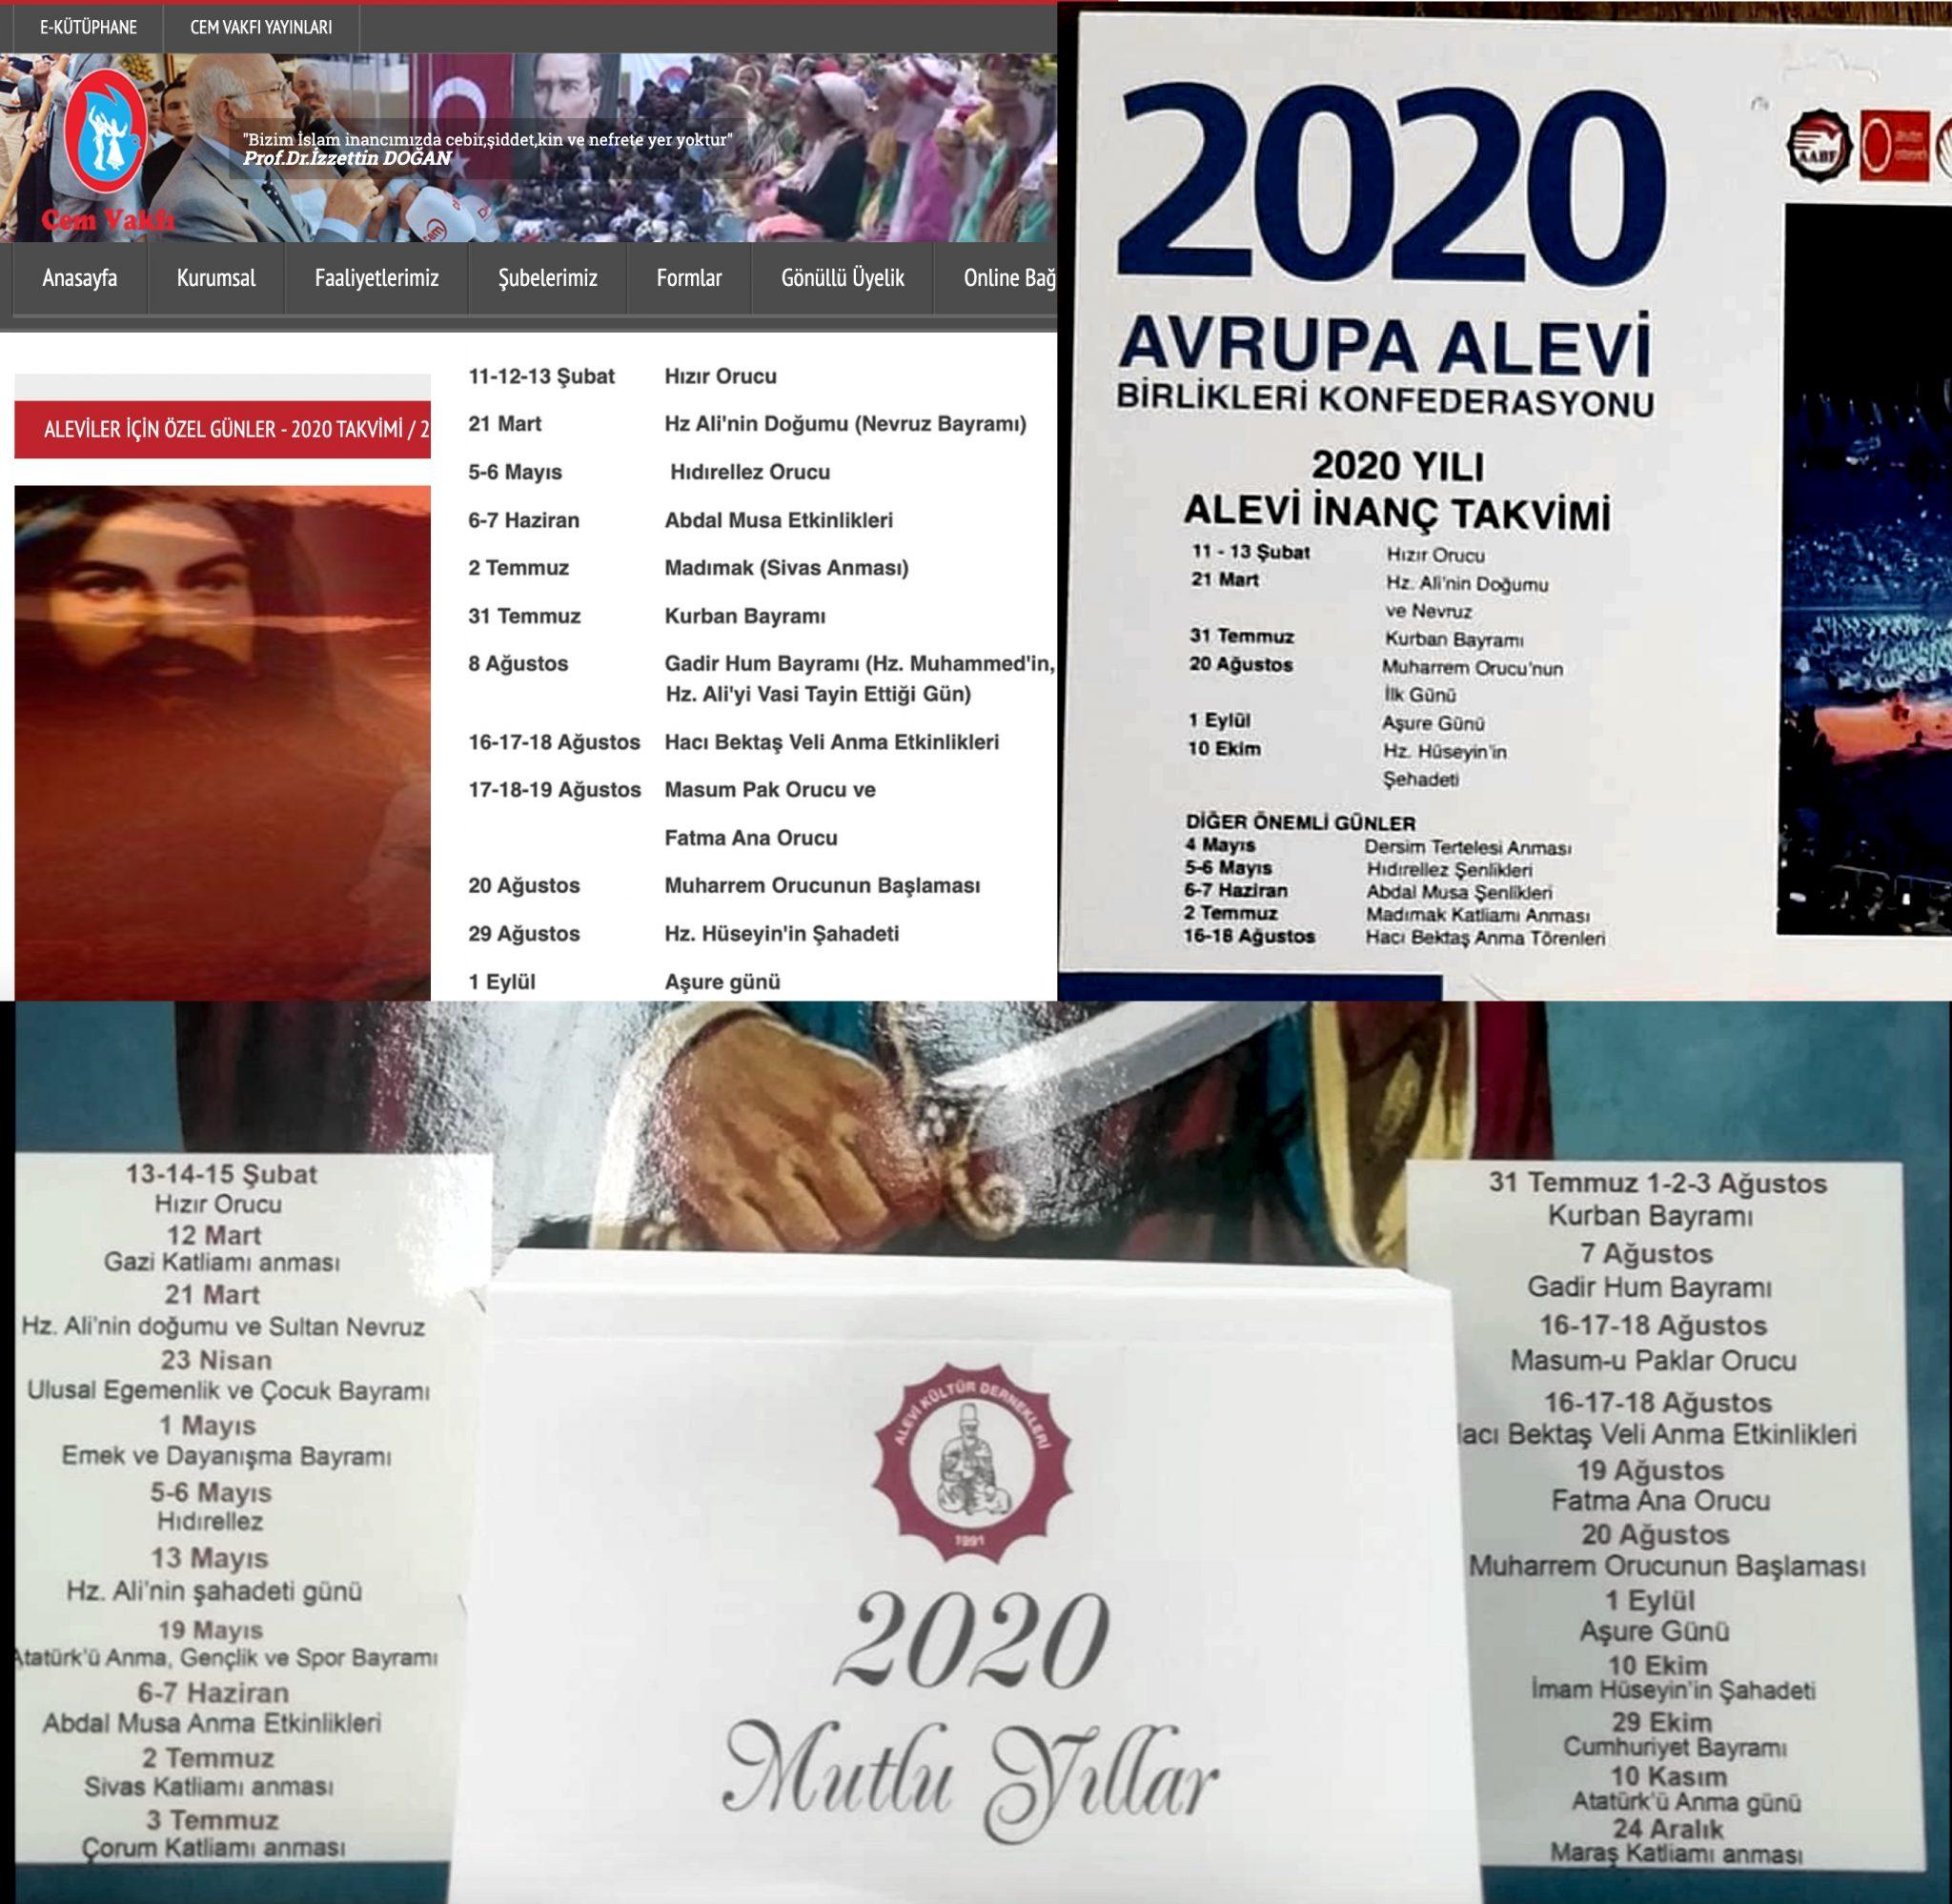 0 Takvim DAB Alevi Bektasi kızılbas Cem semah eski takvim Alevi kurumlarında Takvim asimilasyonu